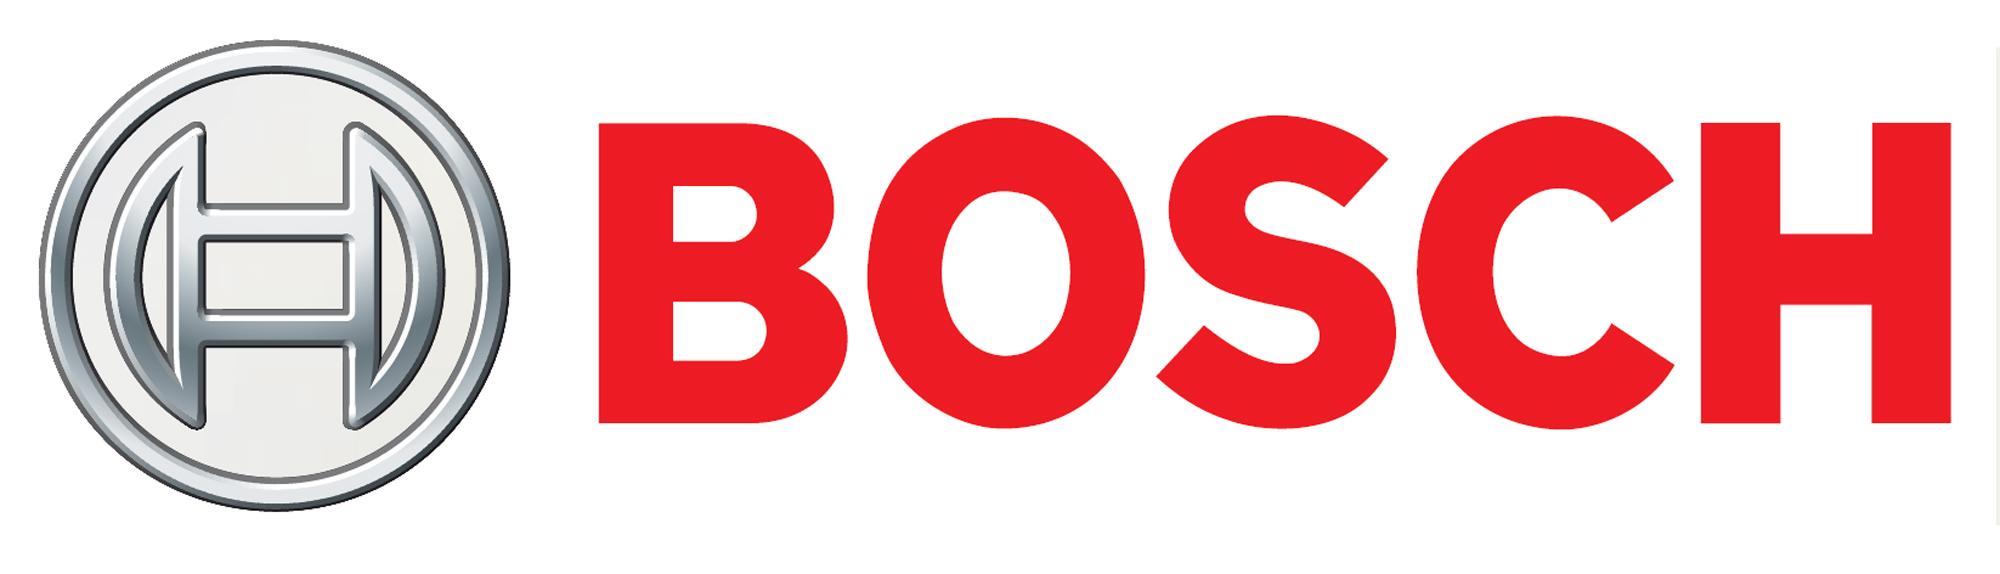 Bosch - Verktøy for industri, hage og hjem